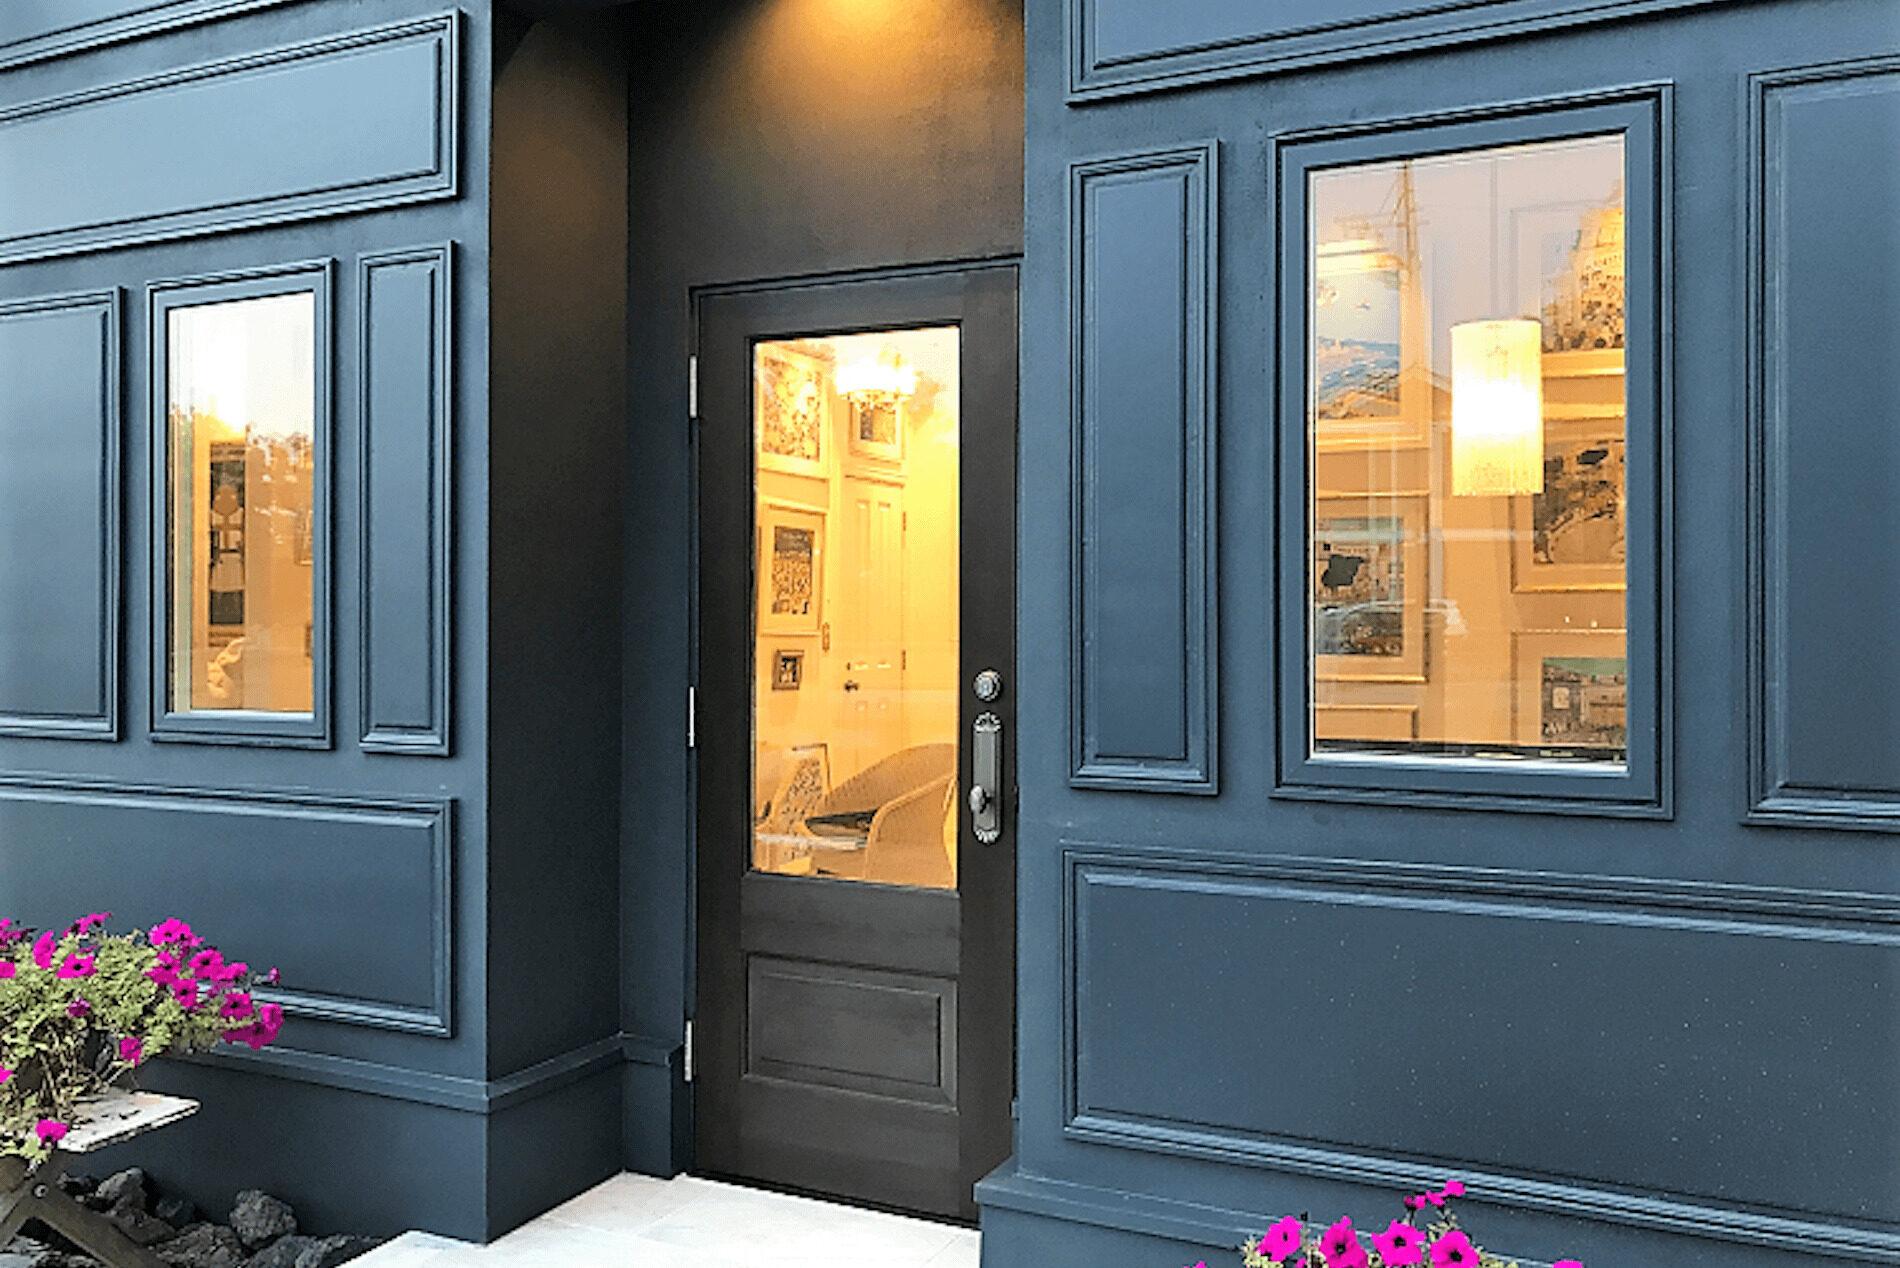 パリアパルトマンスタイルの輸入住宅の入り口